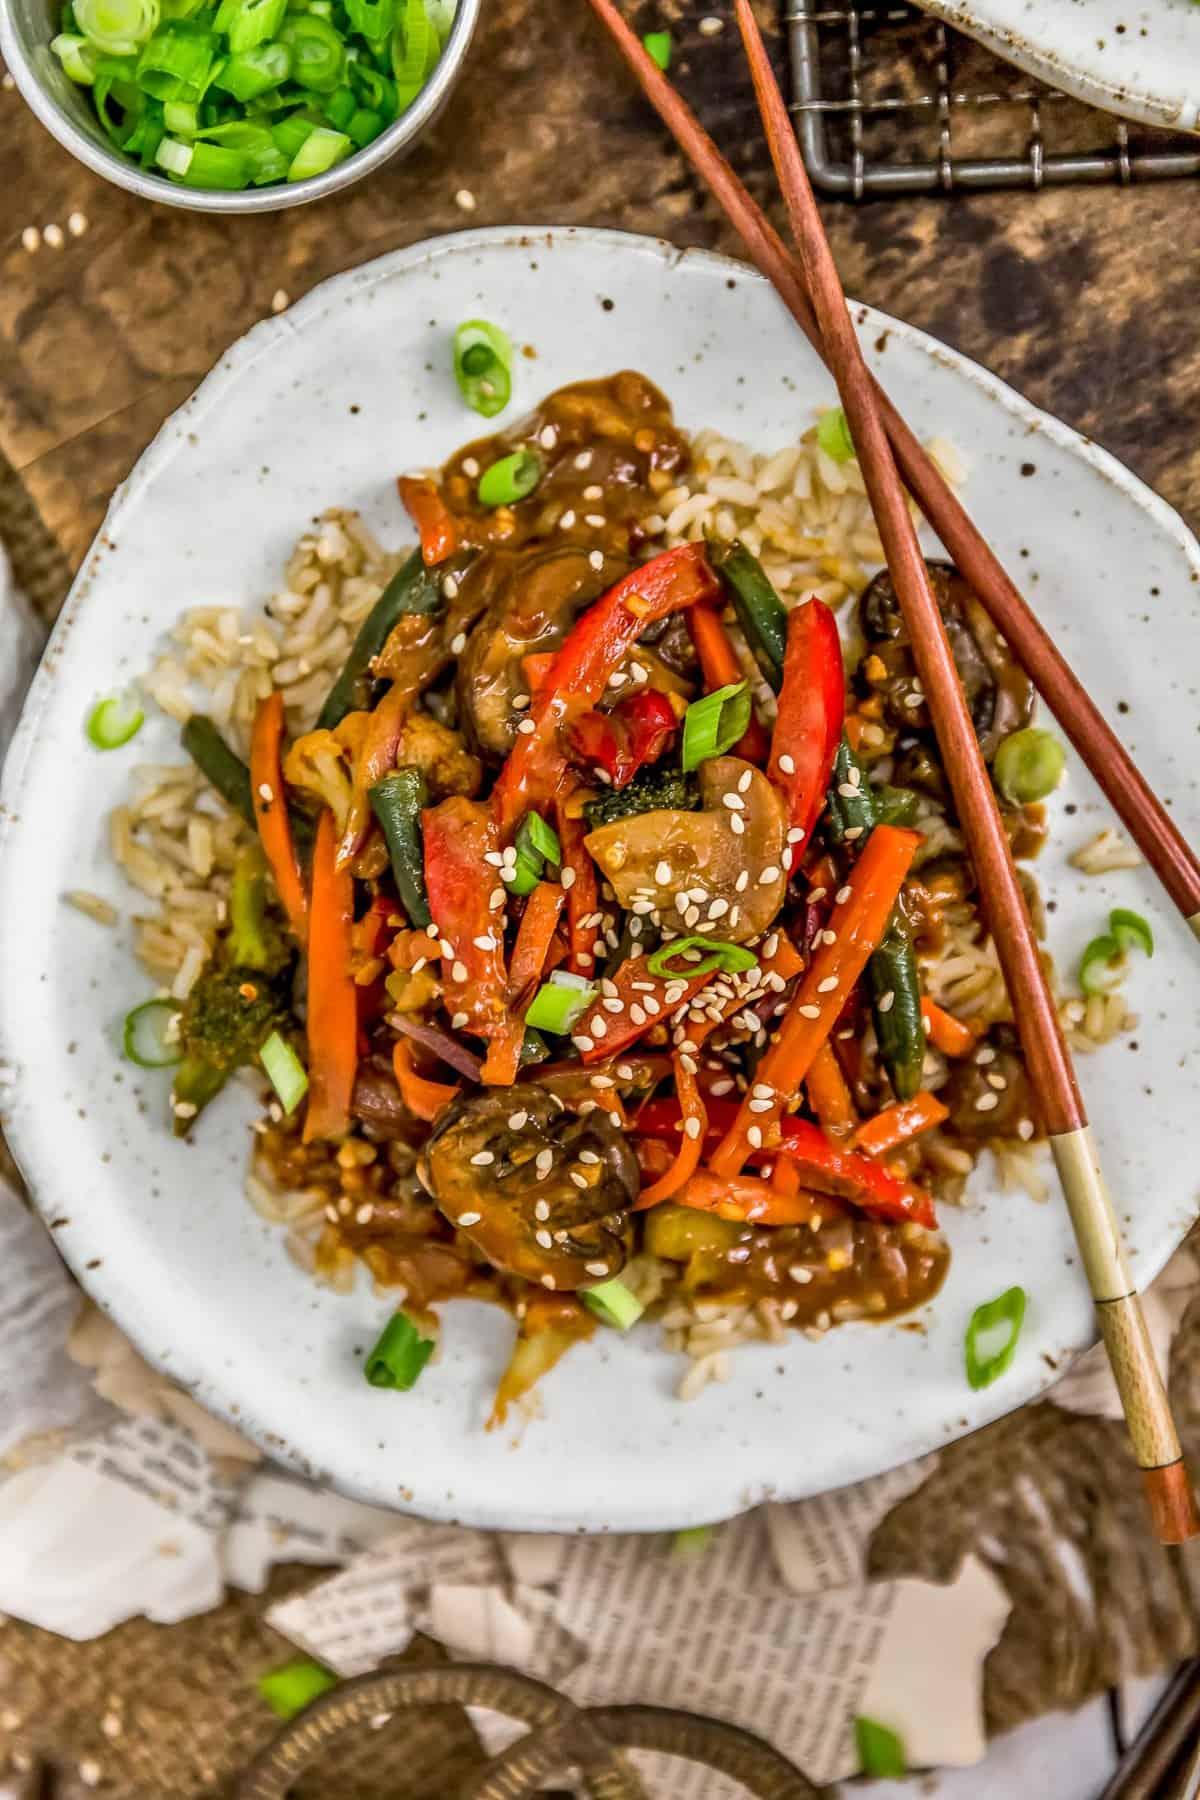 Plate of Szechuan Veggie Stir Fry